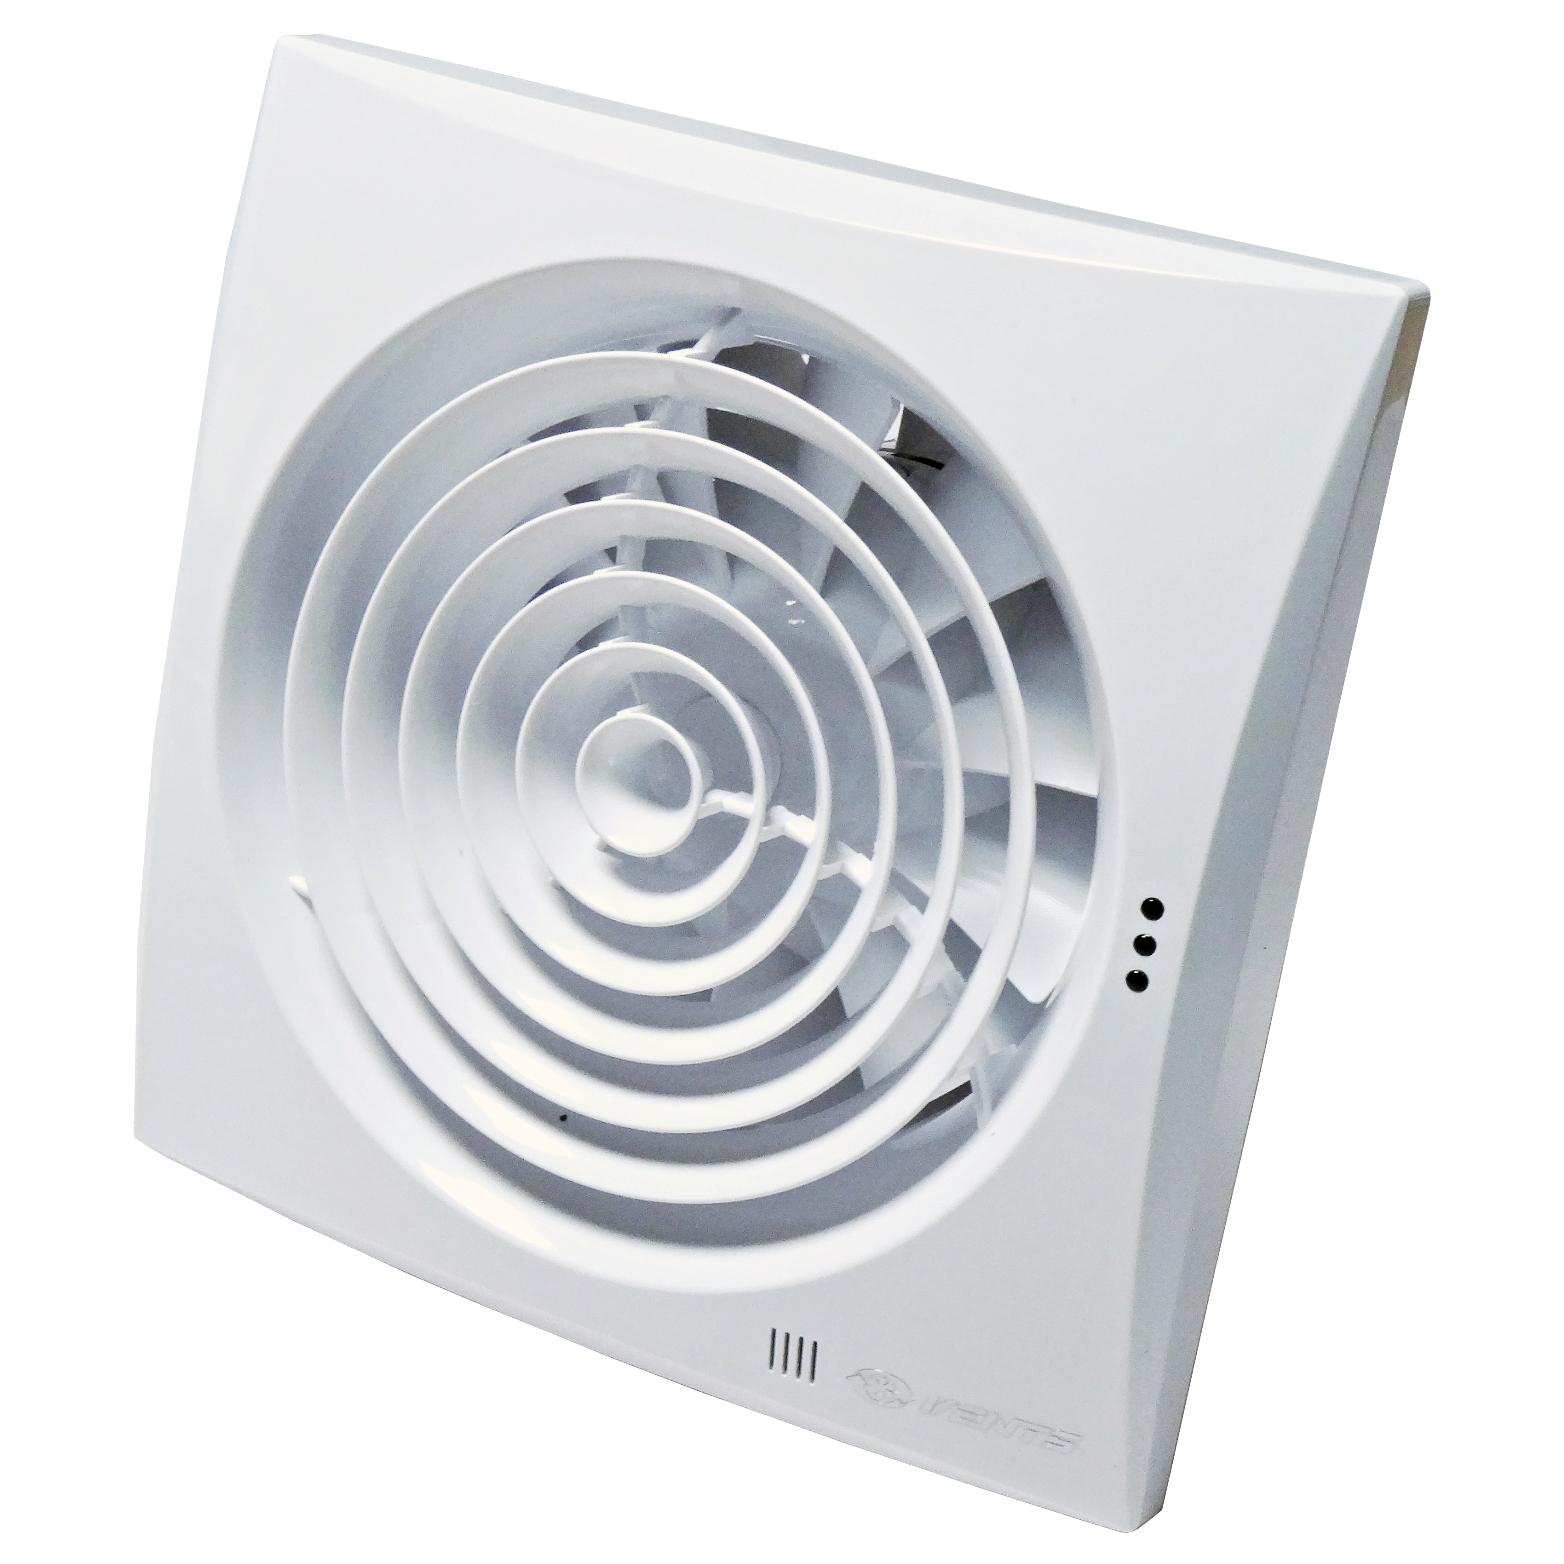 Leiser Ventilator Mit Zeitnachlauf Ruckschlagklappe O 150 Mm Iventilatoren De